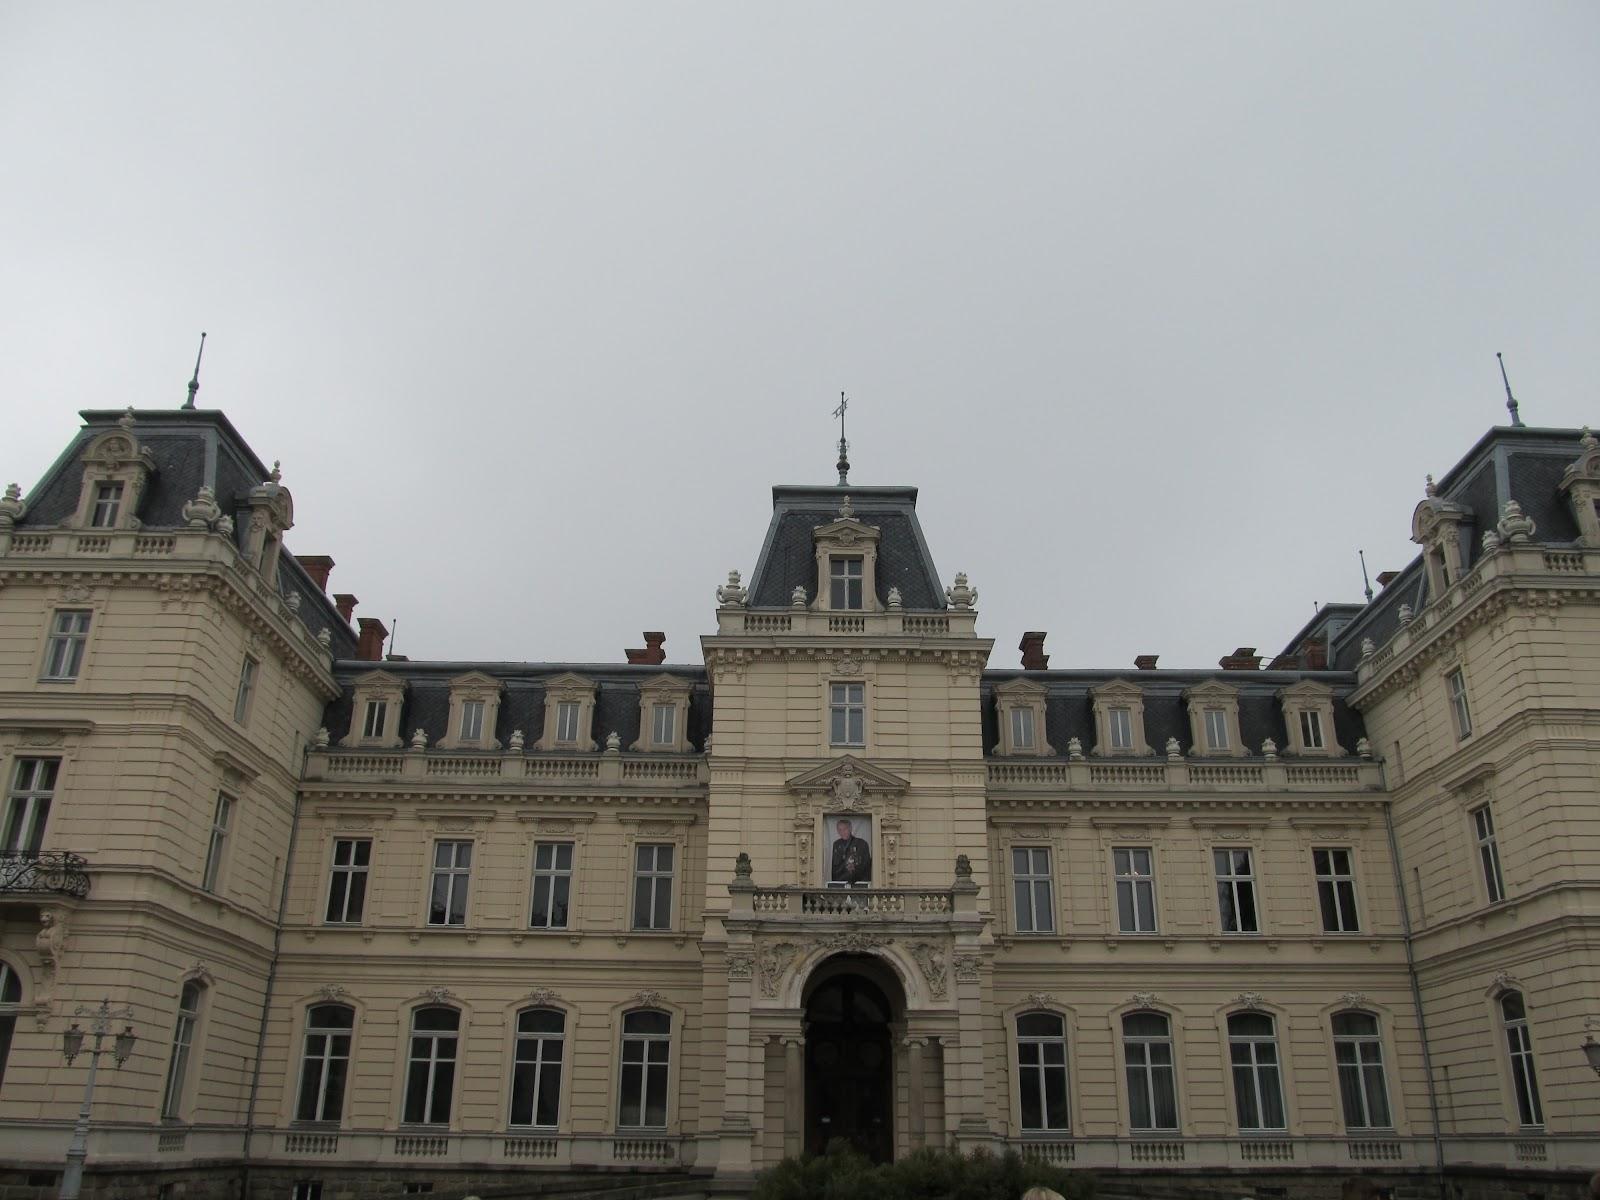 Палац Потоцьких - архітектурна пам'ятка у Львові